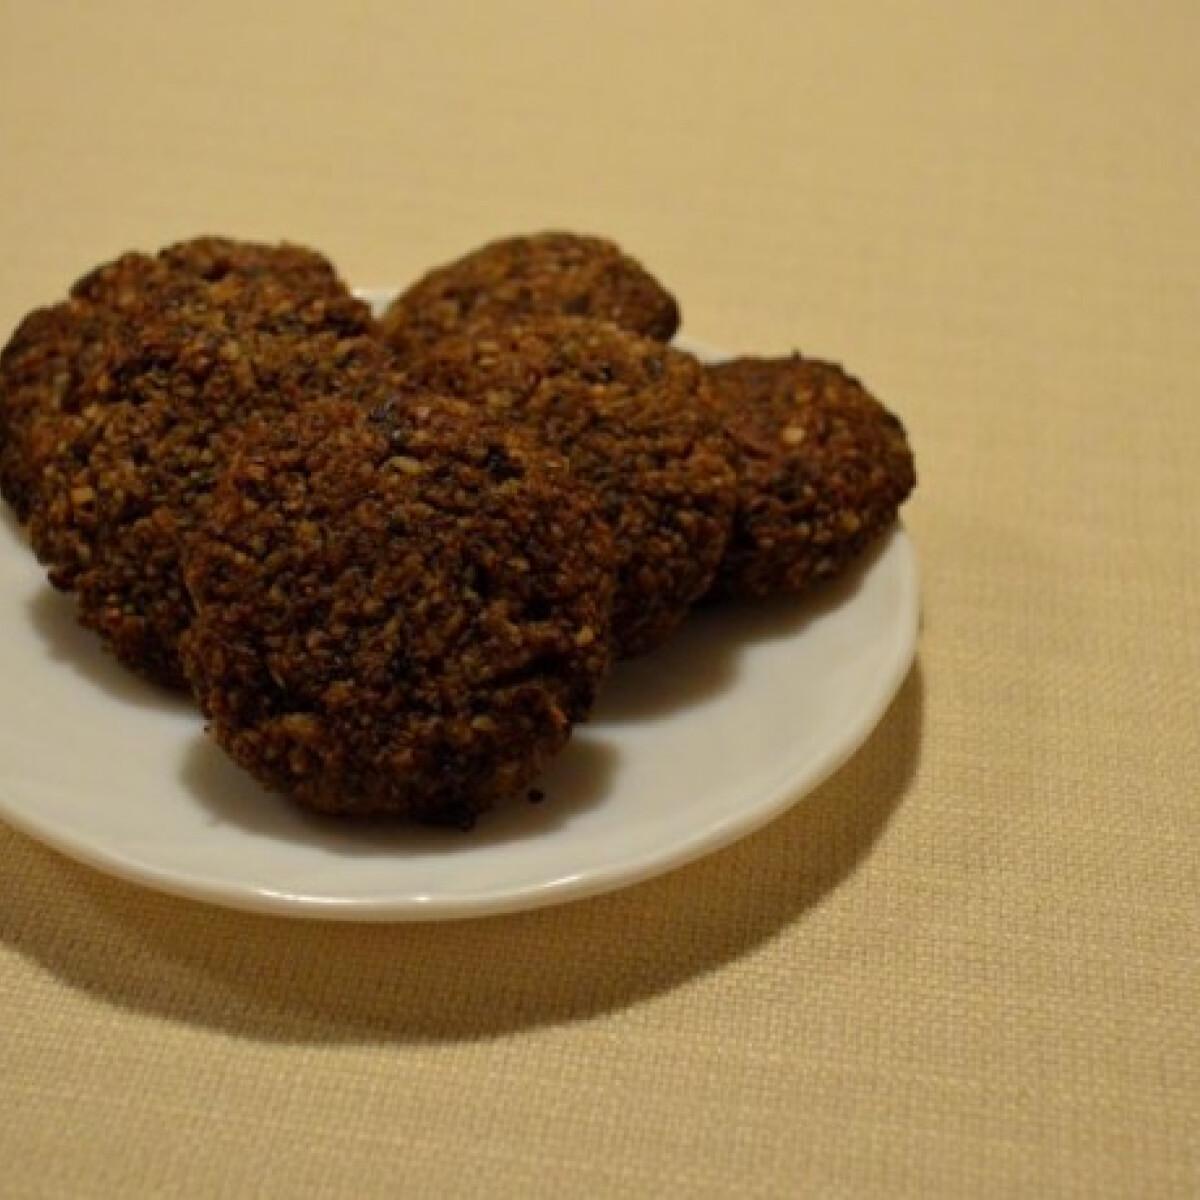 Csokis-banános keksz Landyland konyhájából